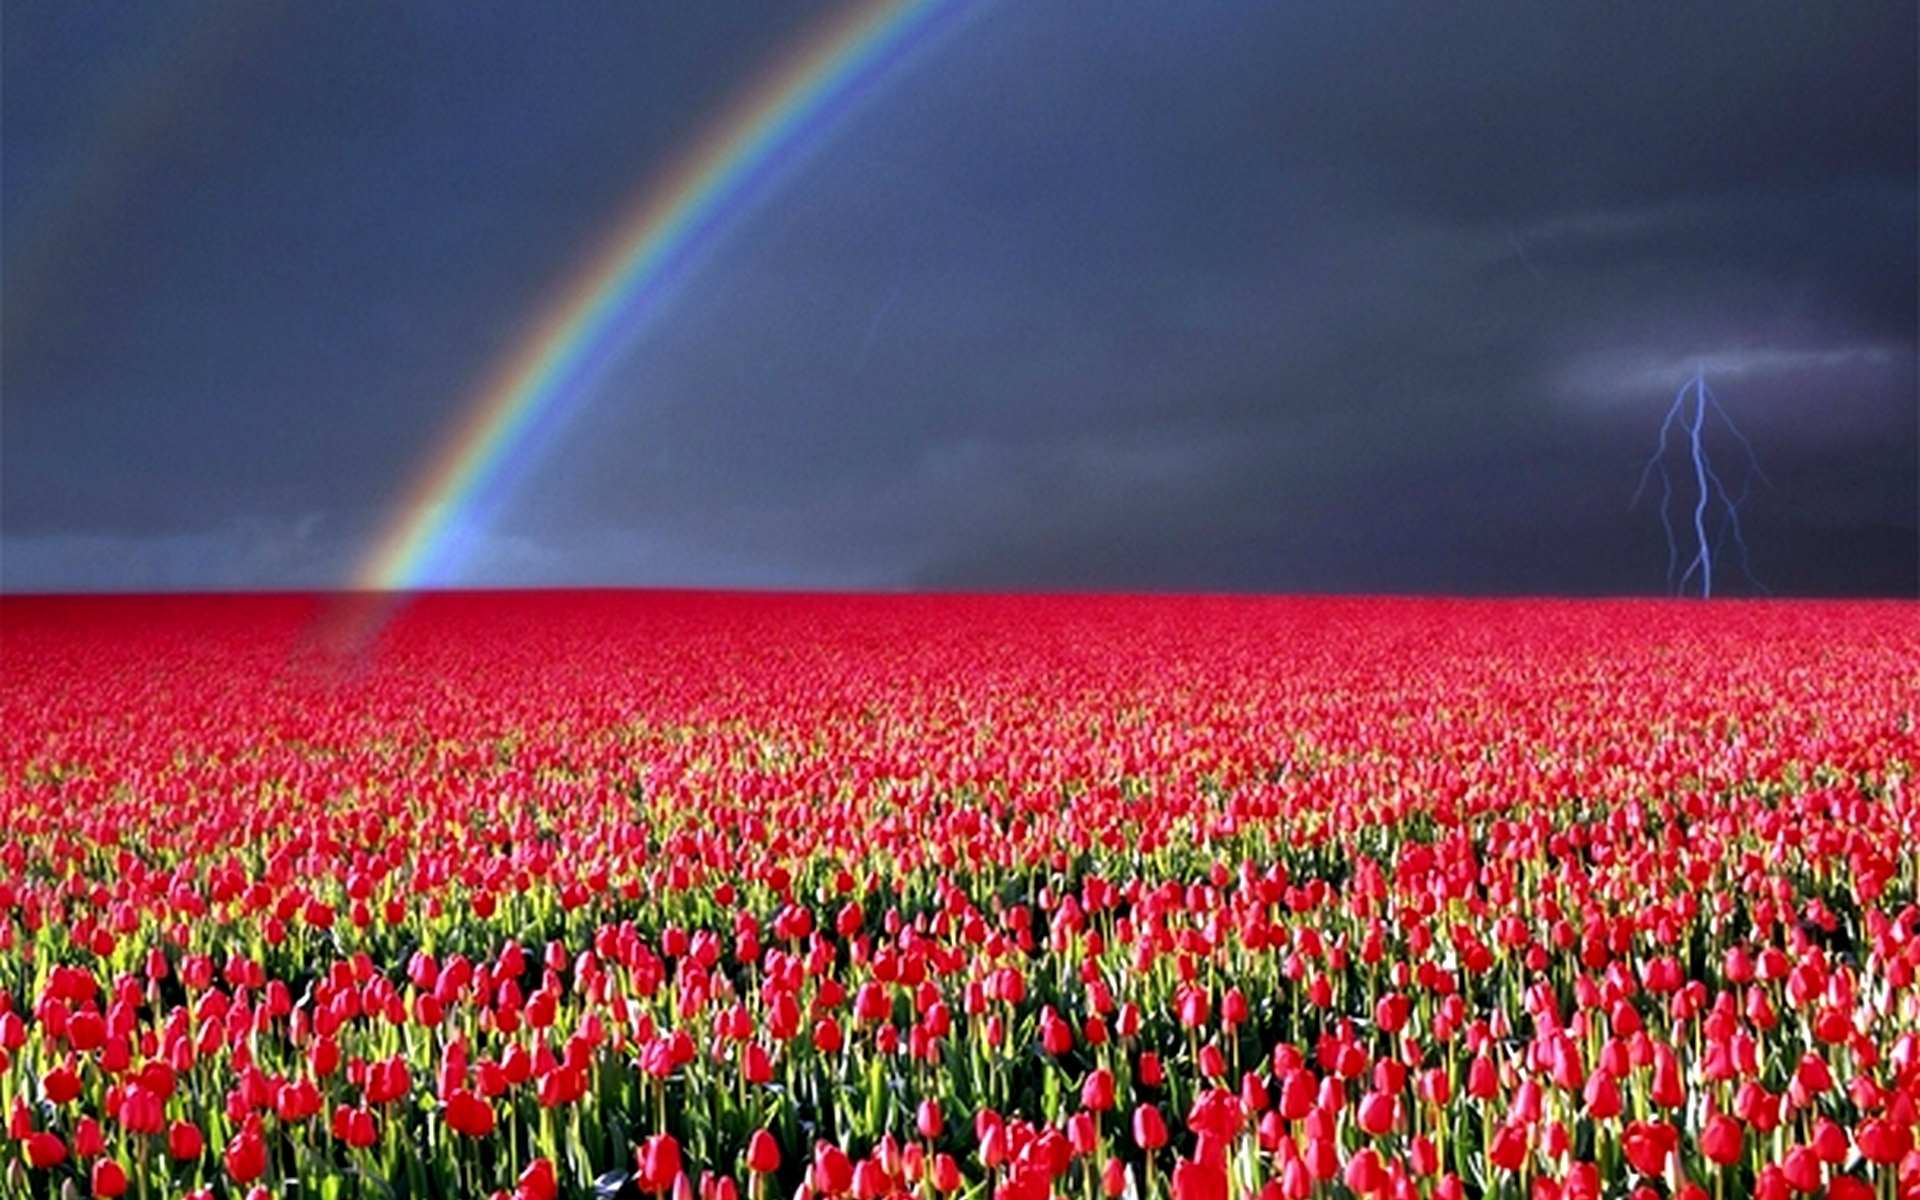 представляют собой тюльпаны после дождя фото высокого разрешения темно зеленый